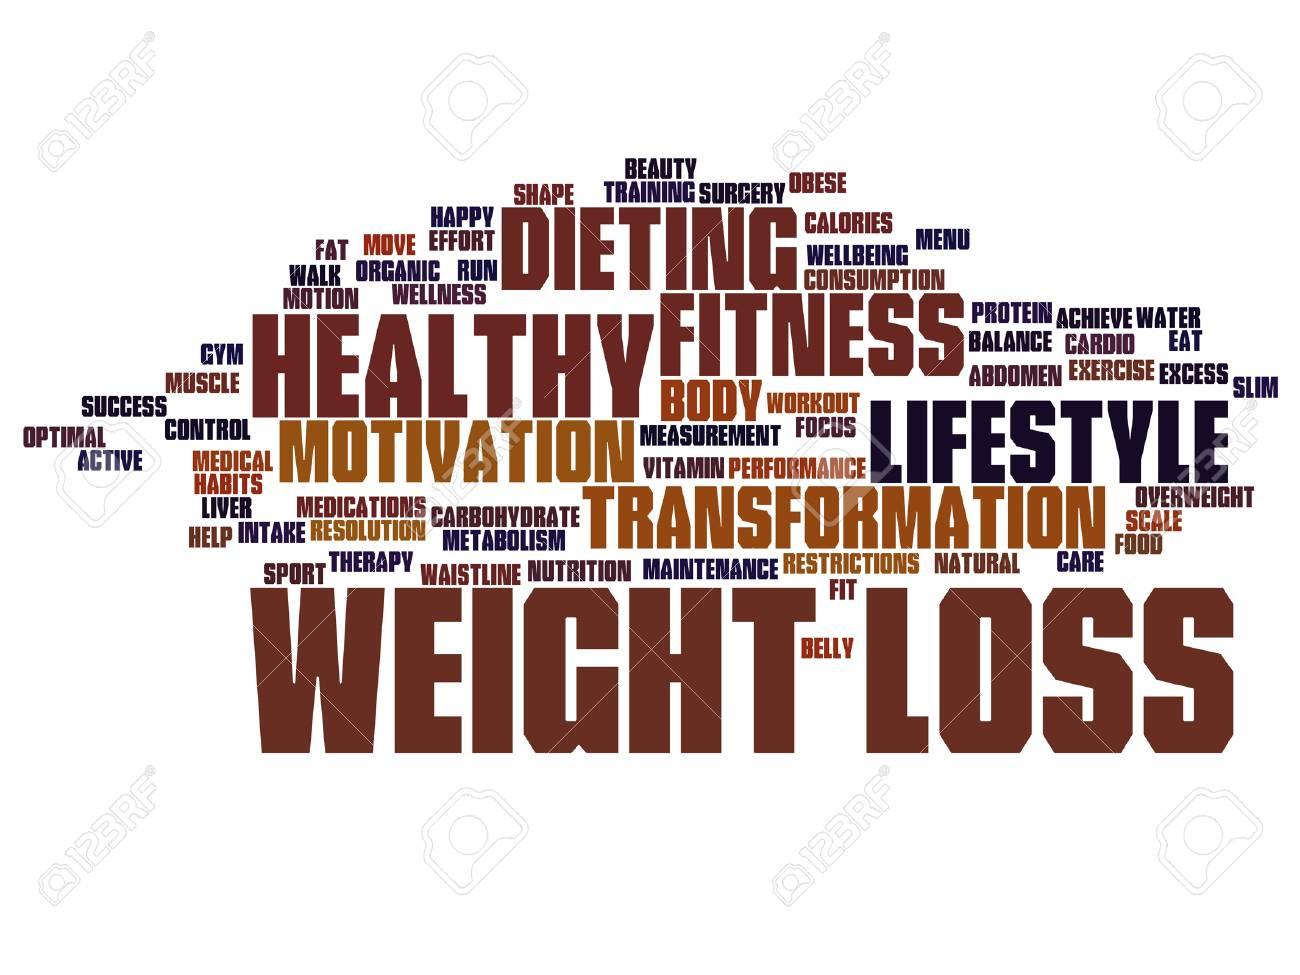 Herbalife weight loss stories australia image 10